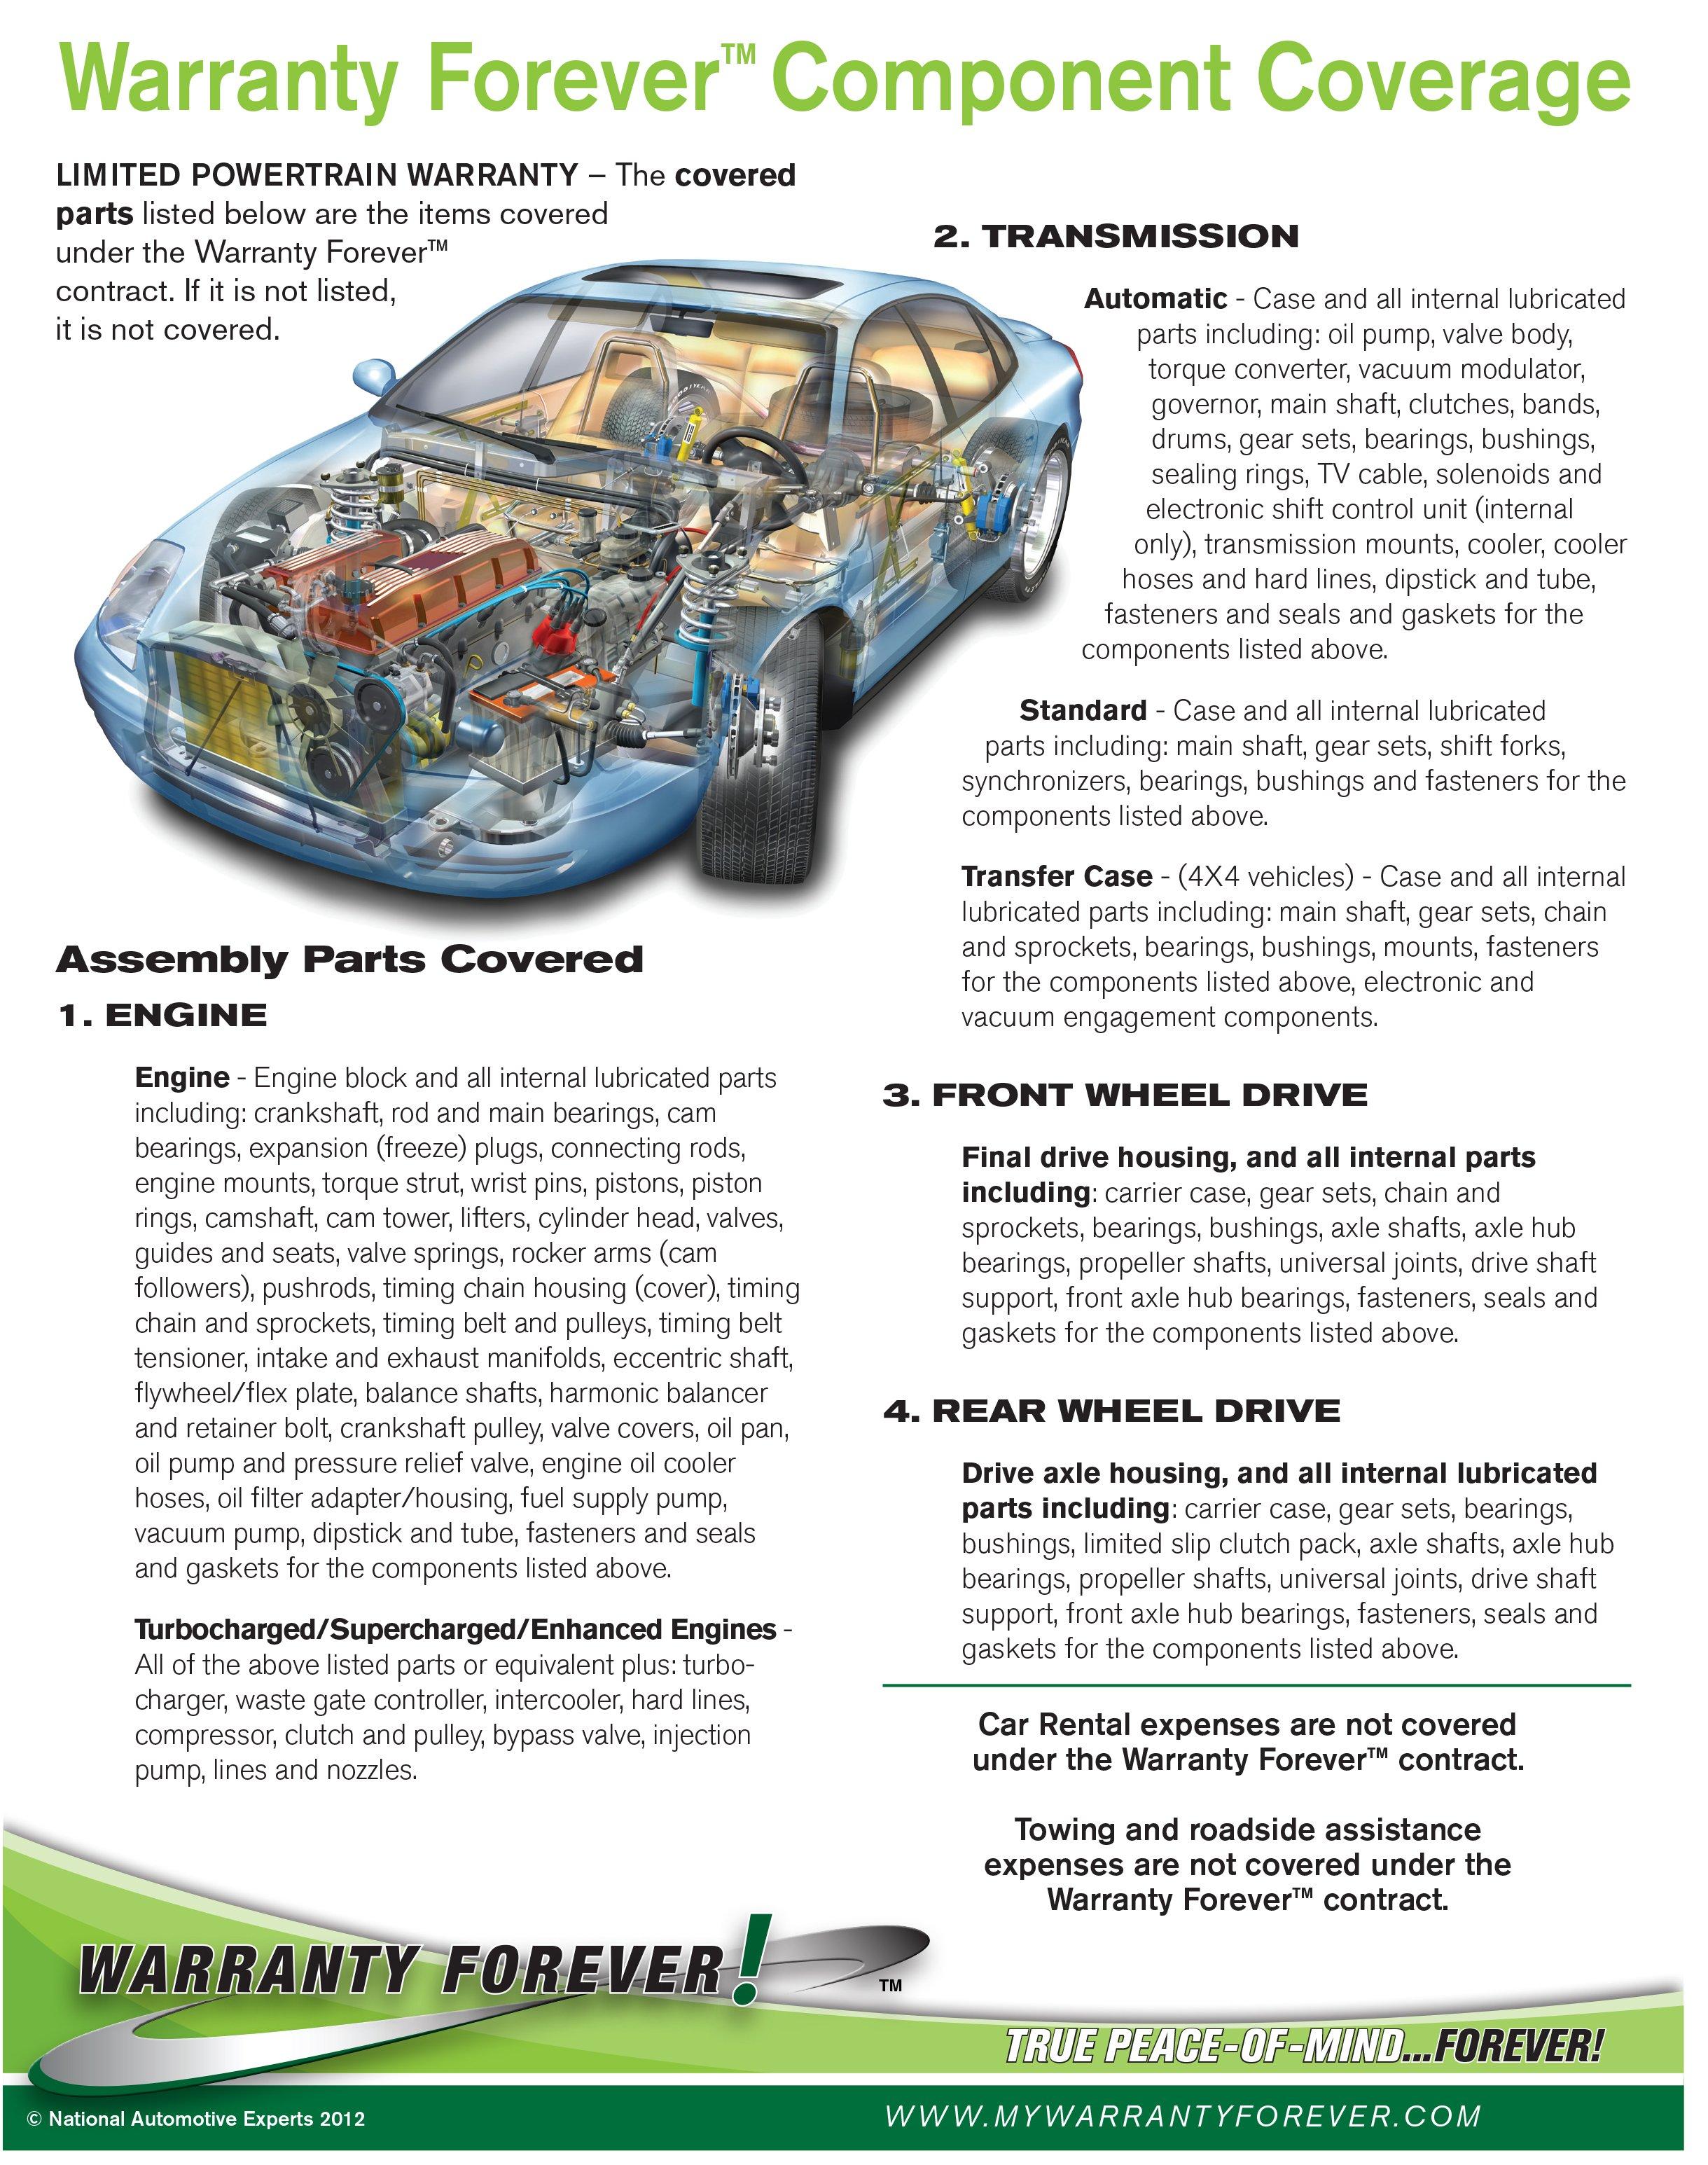 Brown Mazda | New Mazda dealership in Toledo, OH 43615